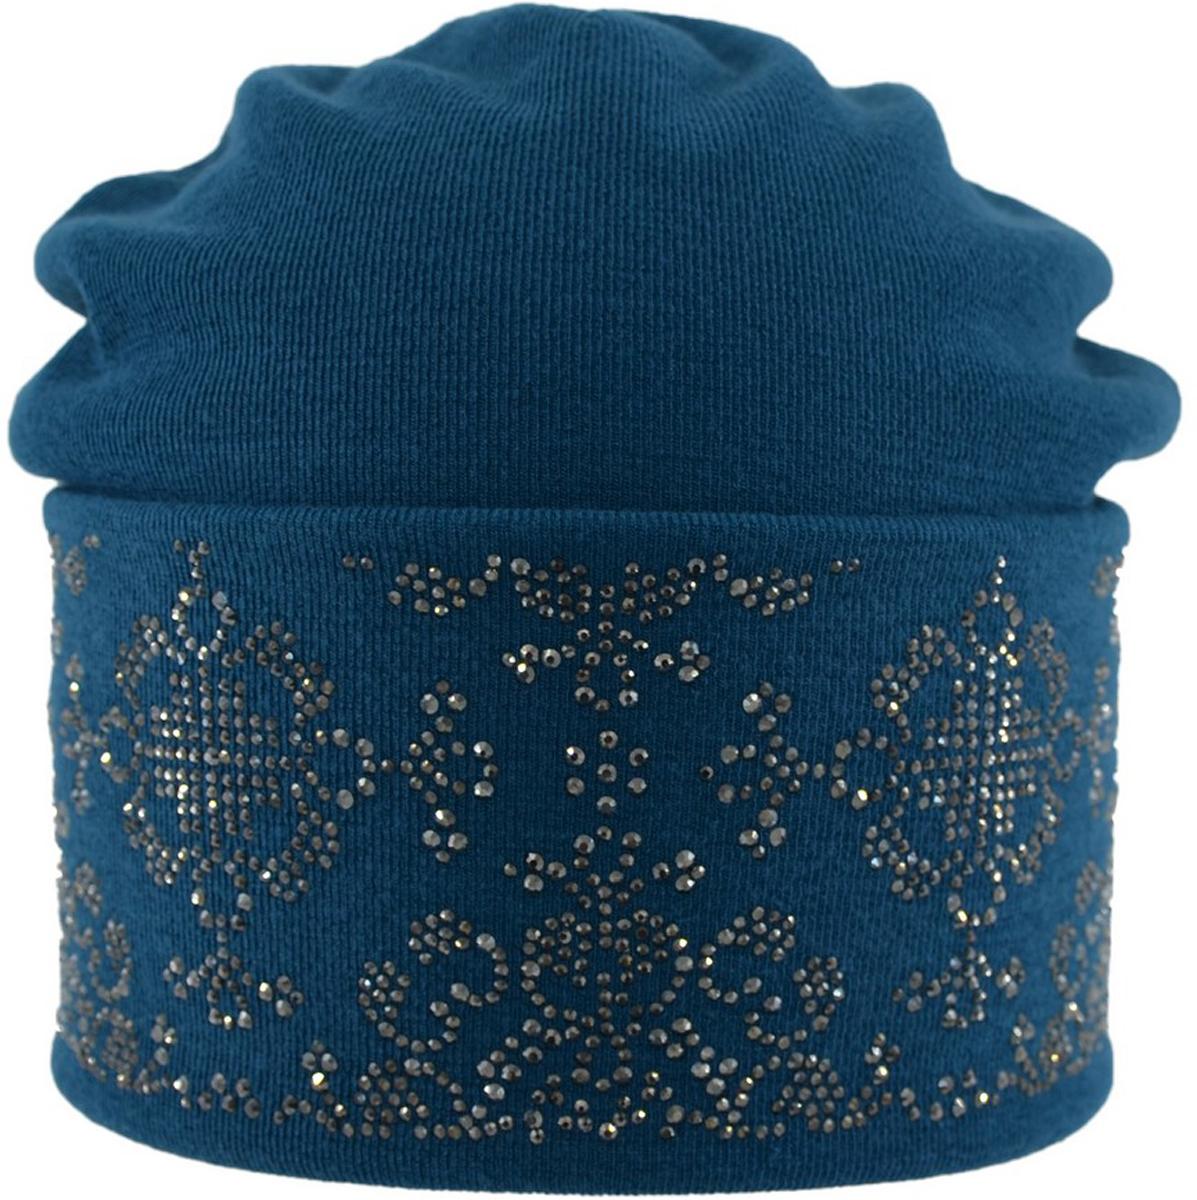 Шапка женская. 383640383640Теплая женская шапка ,детали и оттенок изделия могут отличаться от представленных на фото